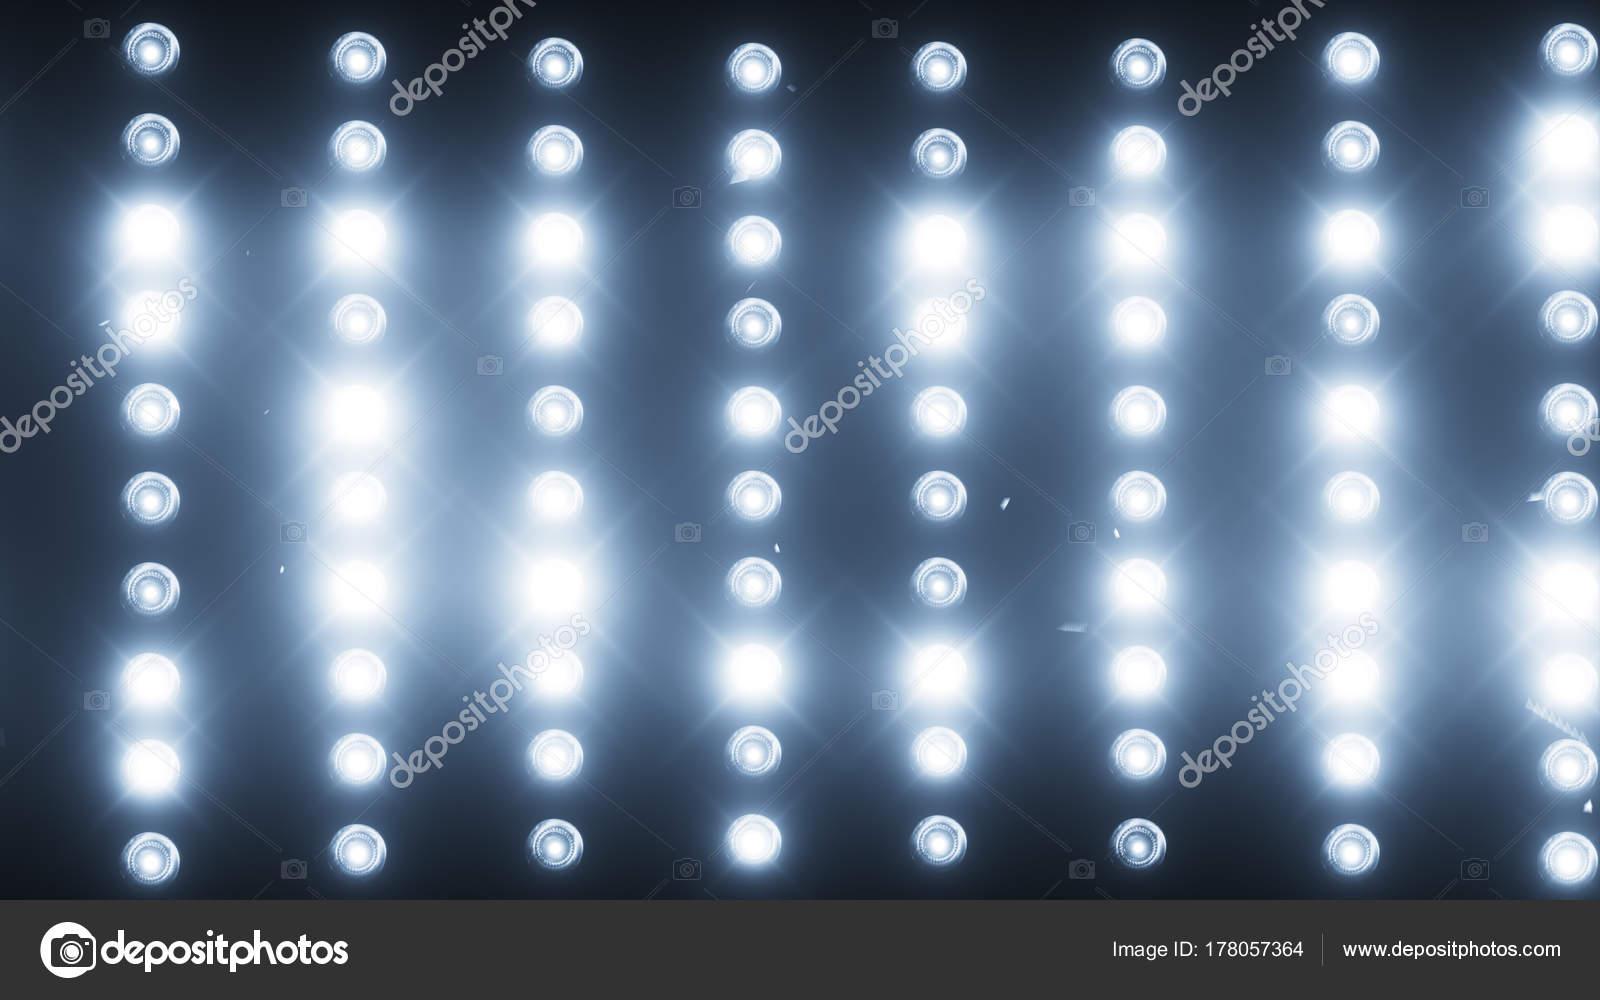 Una pared de proyectores de luz un destello de luz 3d ilustracin una pared de proyectores de luz un destello de luz 3d ilustracin fotos de aloadofball Image collections